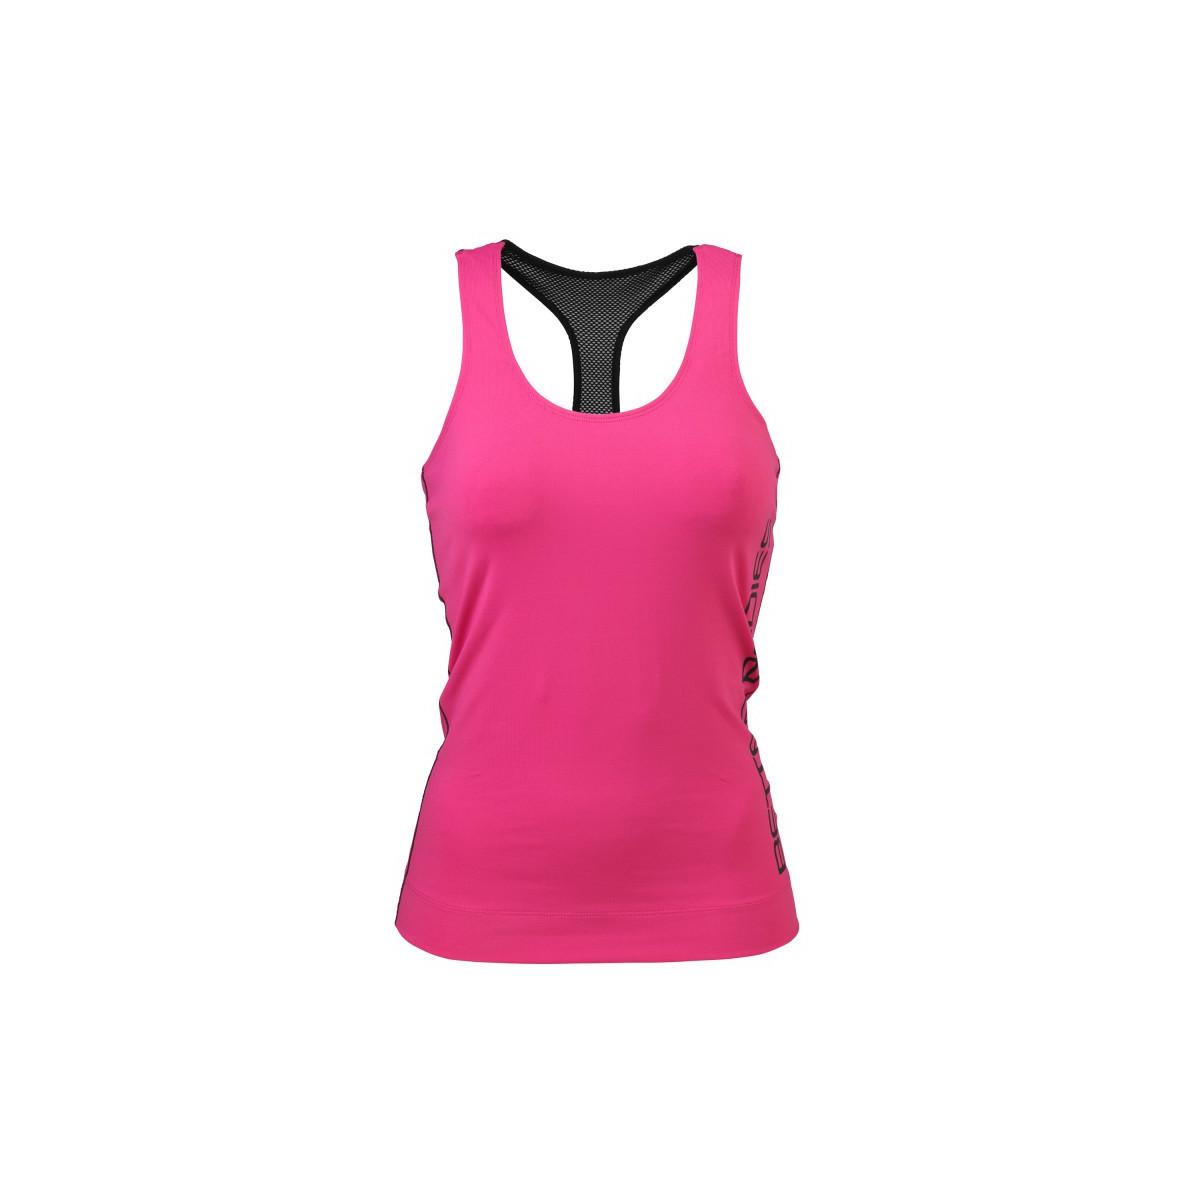 ATHLETE T BACK - Pink